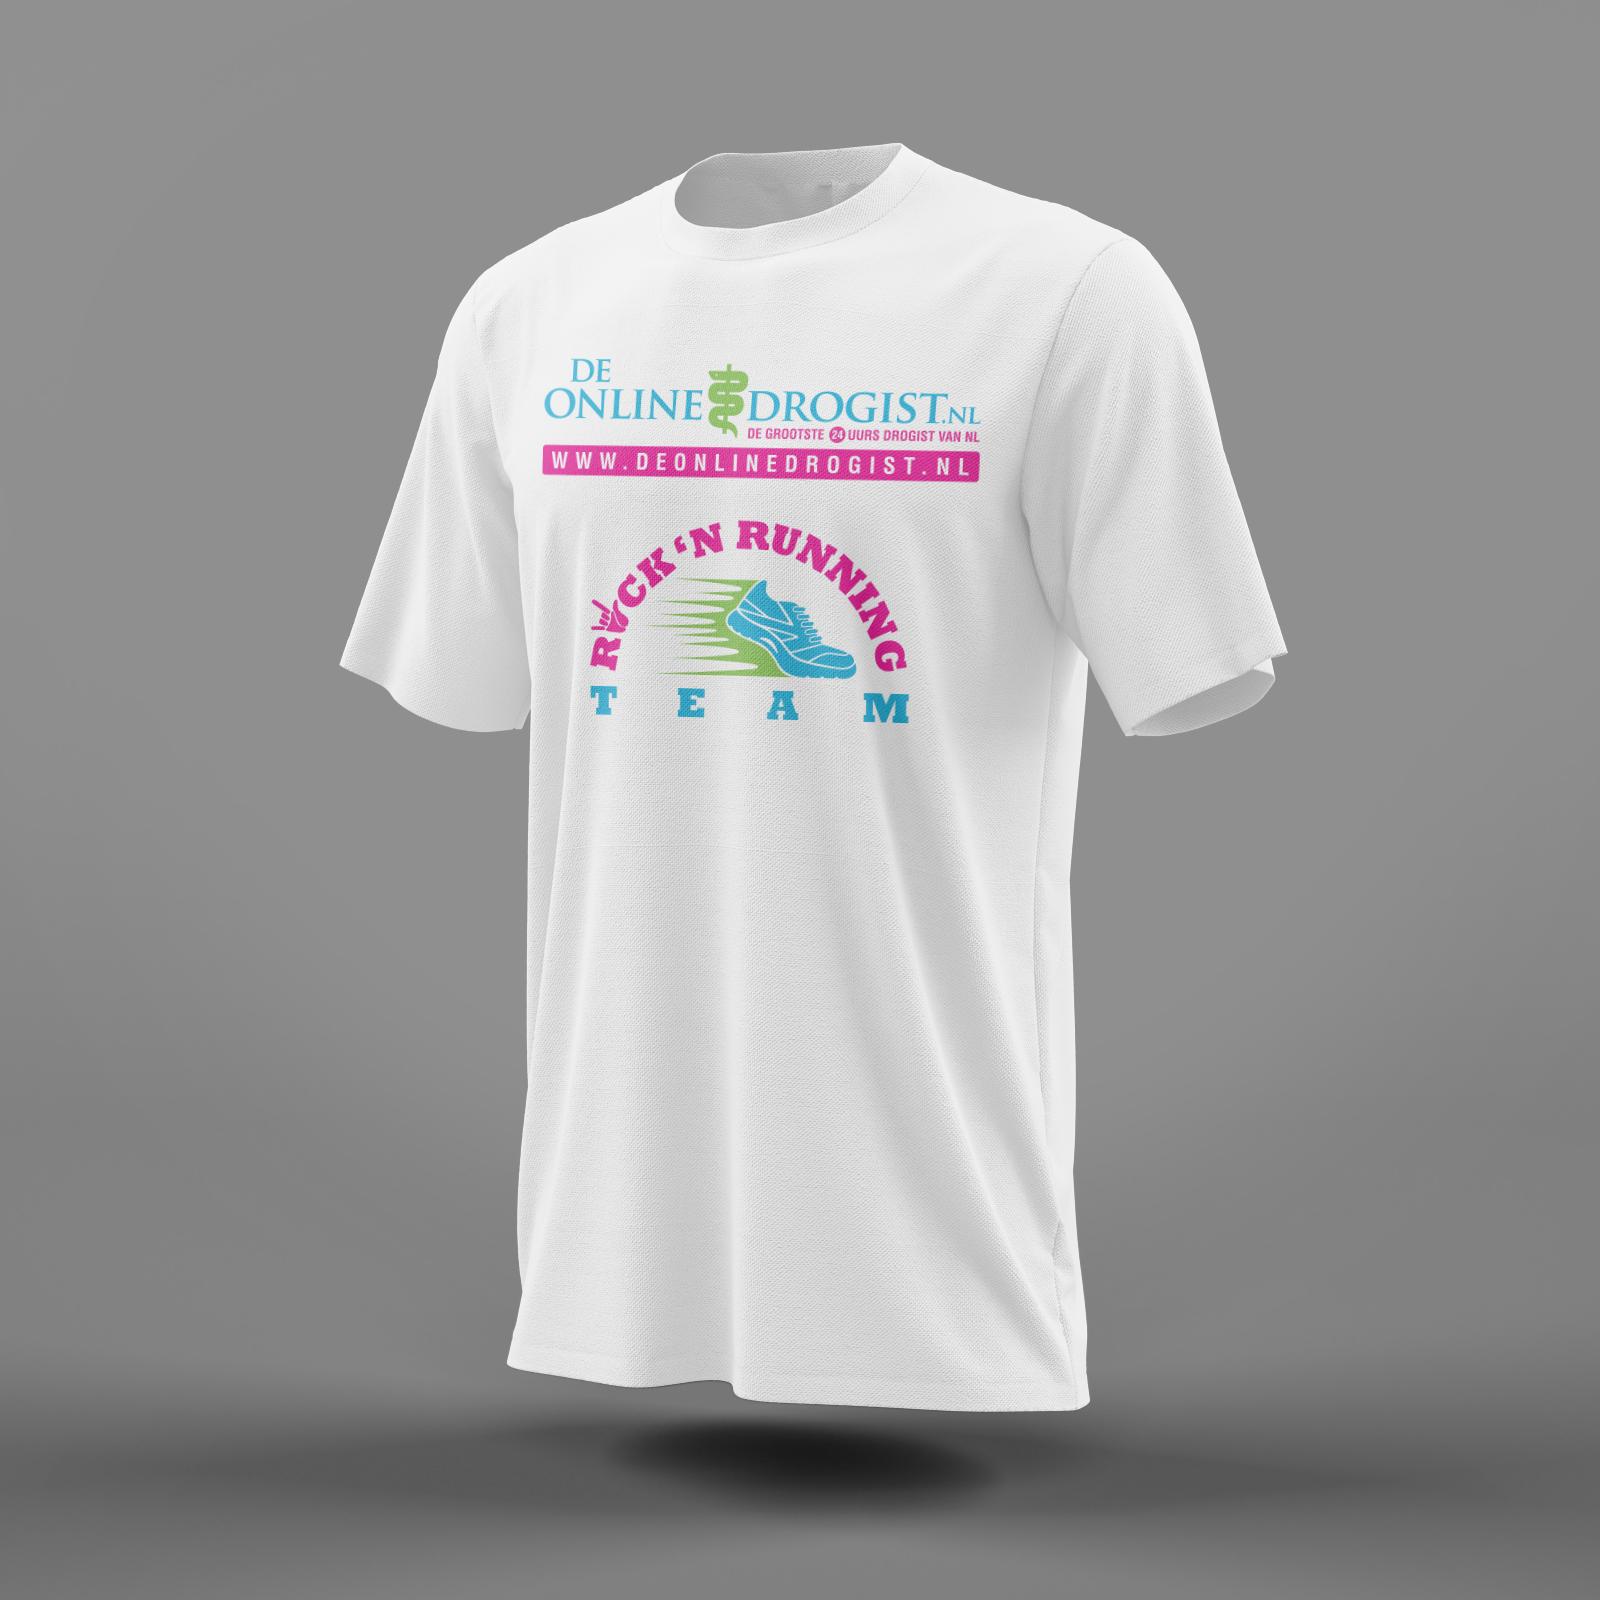 De Online Drogist - Shirt Design